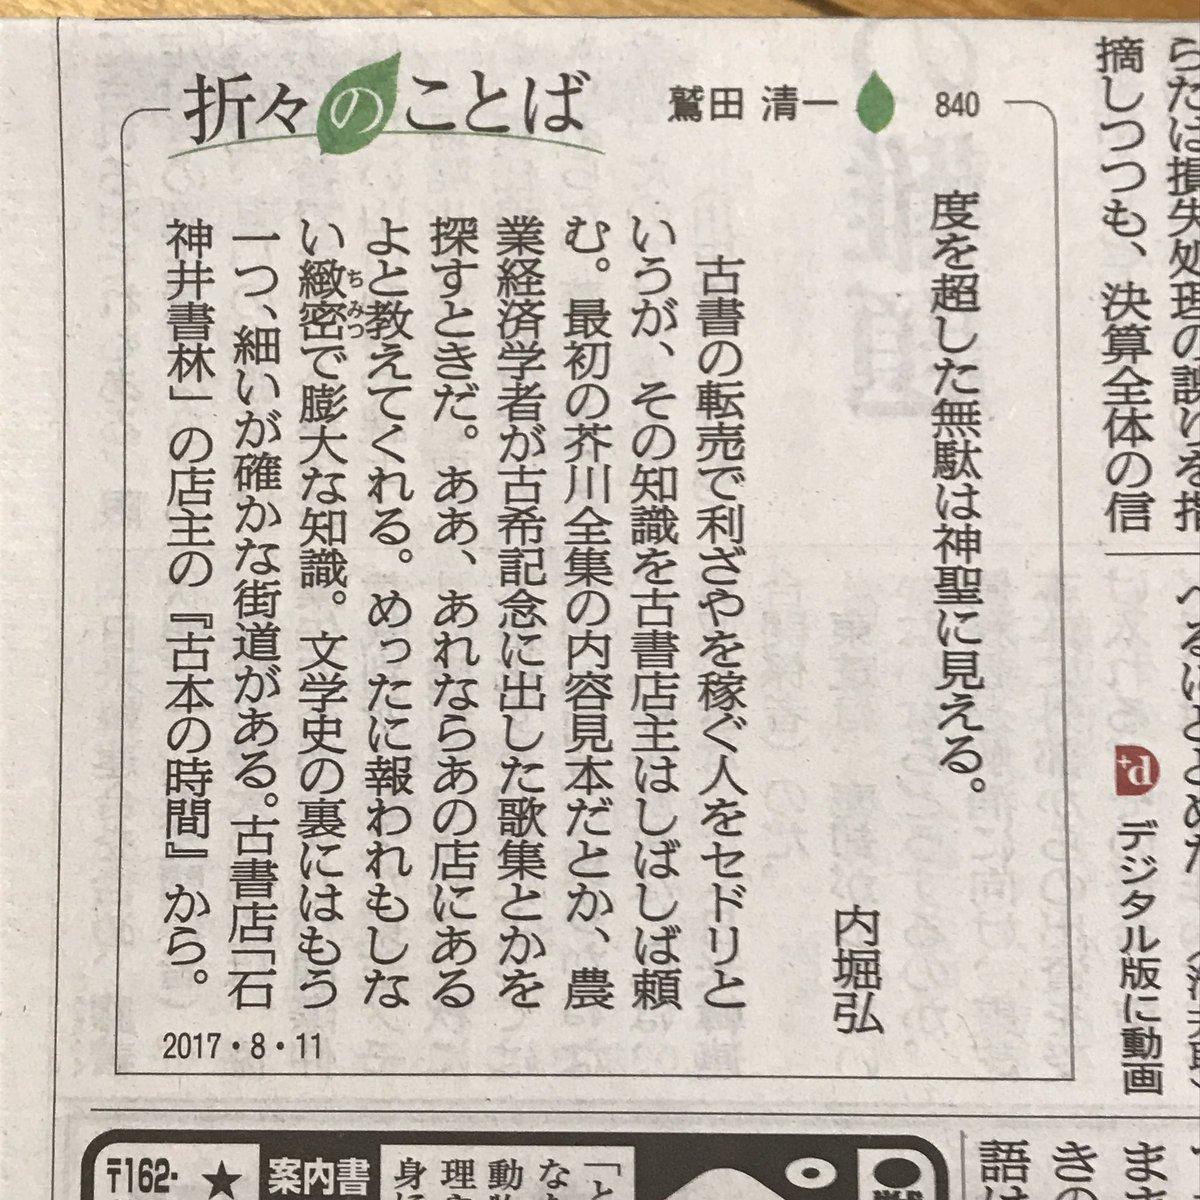 〈度を超した無駄は神聖に見える。〉本日、8月11日(金)の朝日新聞朝刊一面の「折々のことば」(鷲田清一)にて、弊社刊『古本の時間』(内堀弘)のことばが紹介されました。編集した中川六平さんもきっと喜んでいることでしょう。 https://t.co/OhFUfEY66q